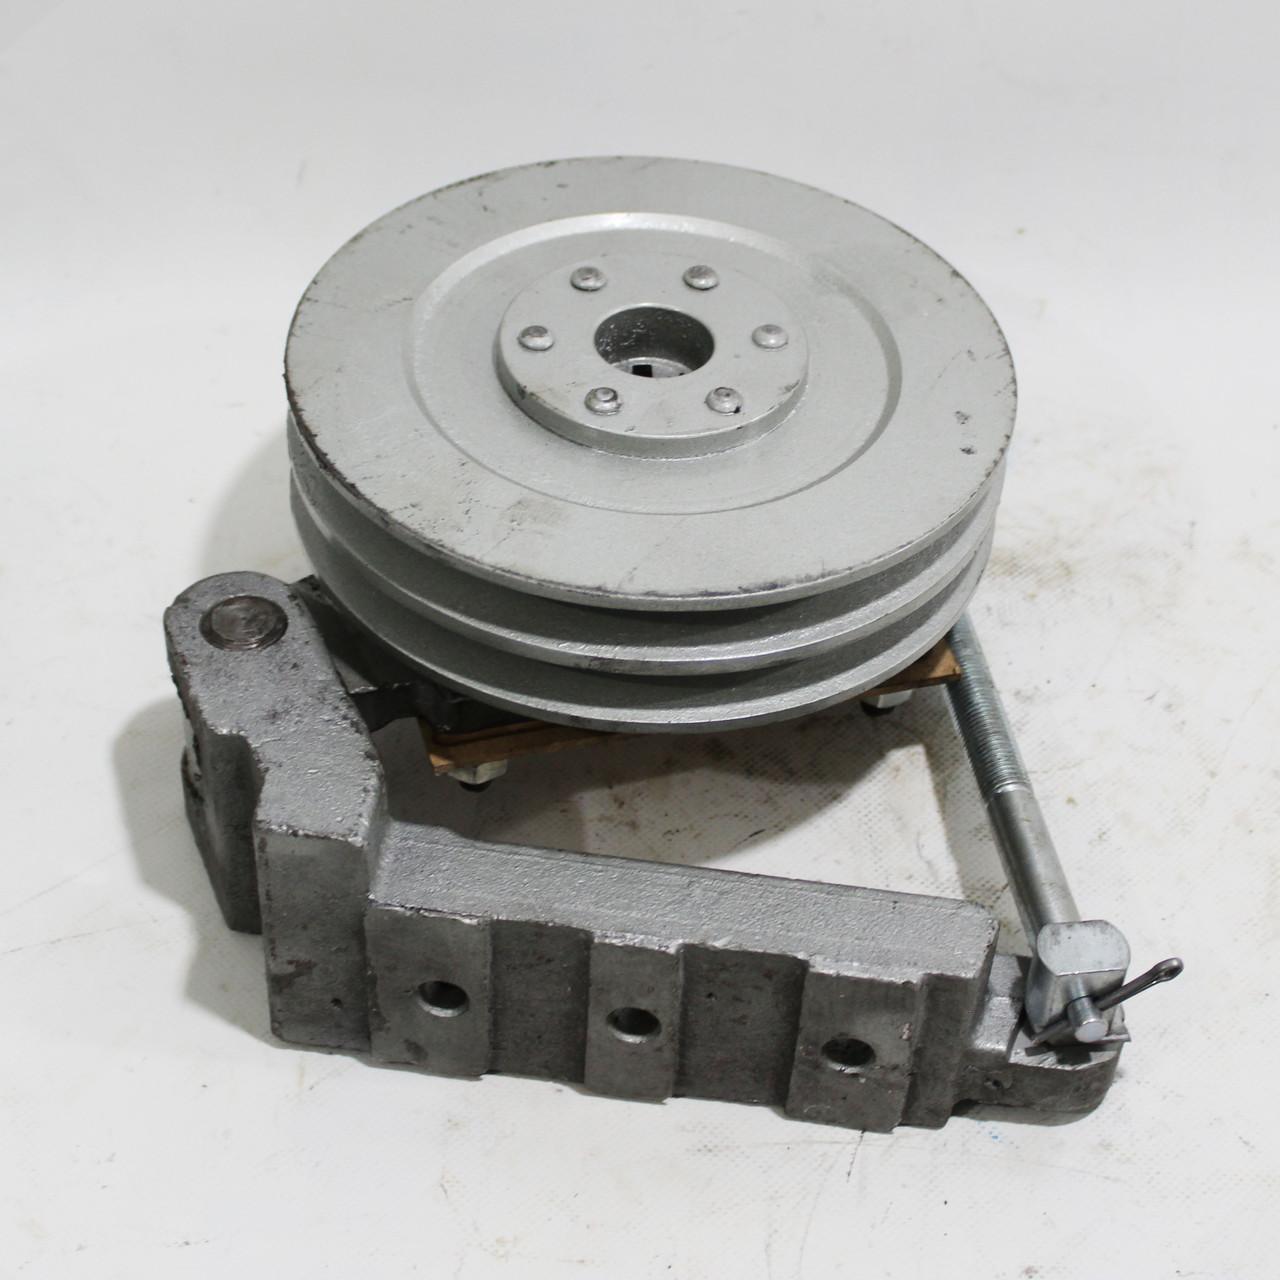 Привод гидронасоса НШ-32 комбайна ДОН-1500Б 238АК-4611201-3-01 стальной